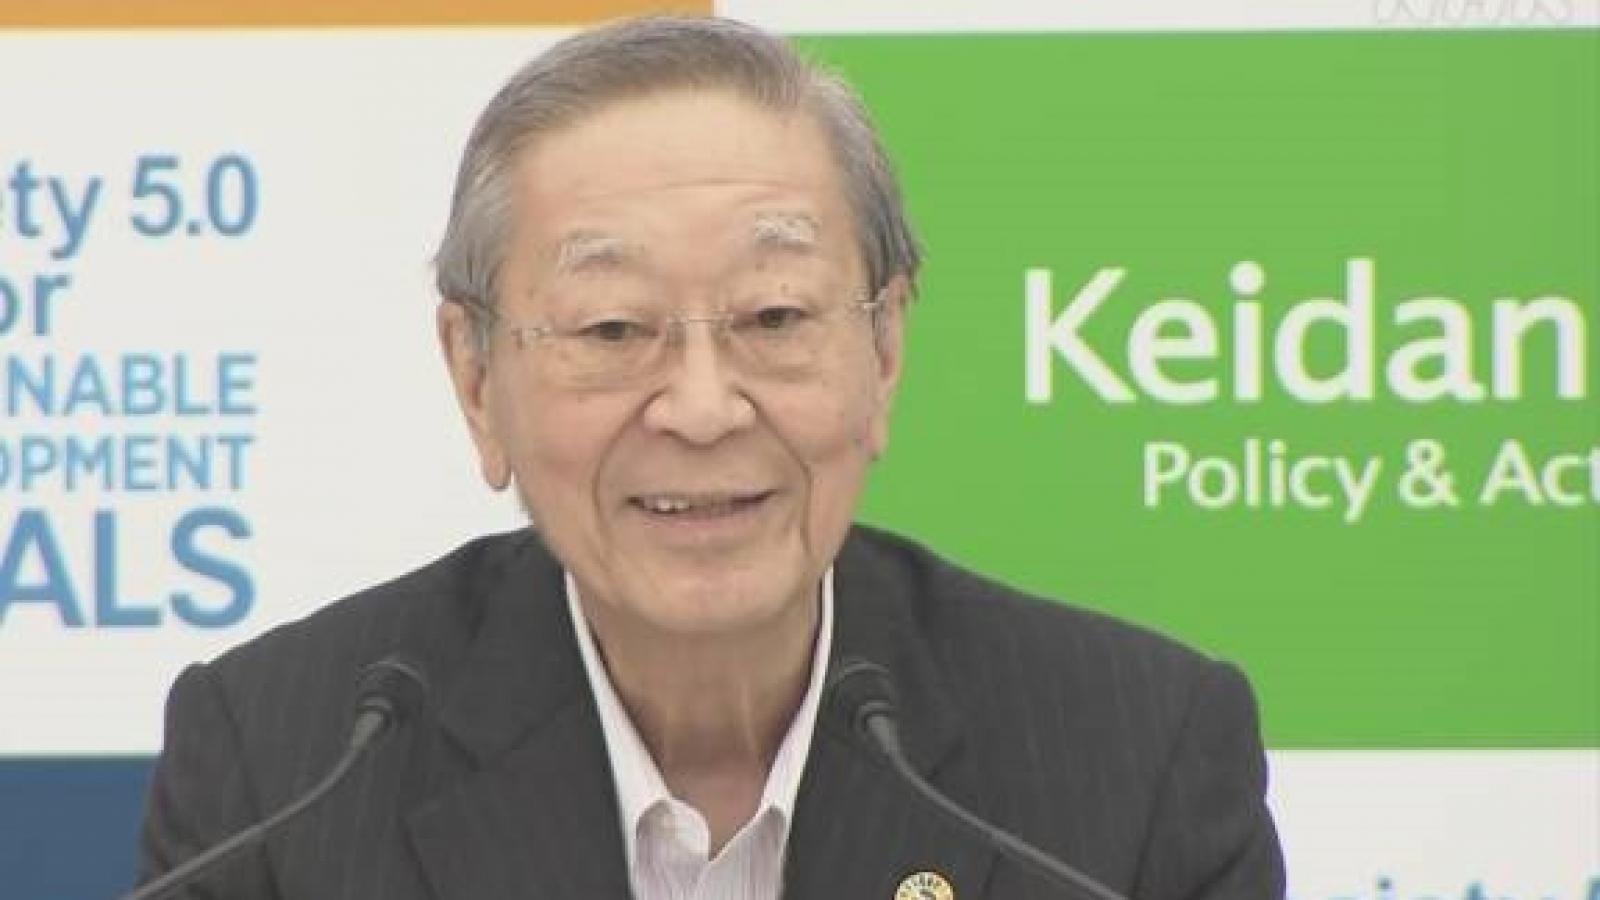 Các giới Nhật Bản kỳ vọng thế nào về tân Thủ tướngSuga Yoshihide